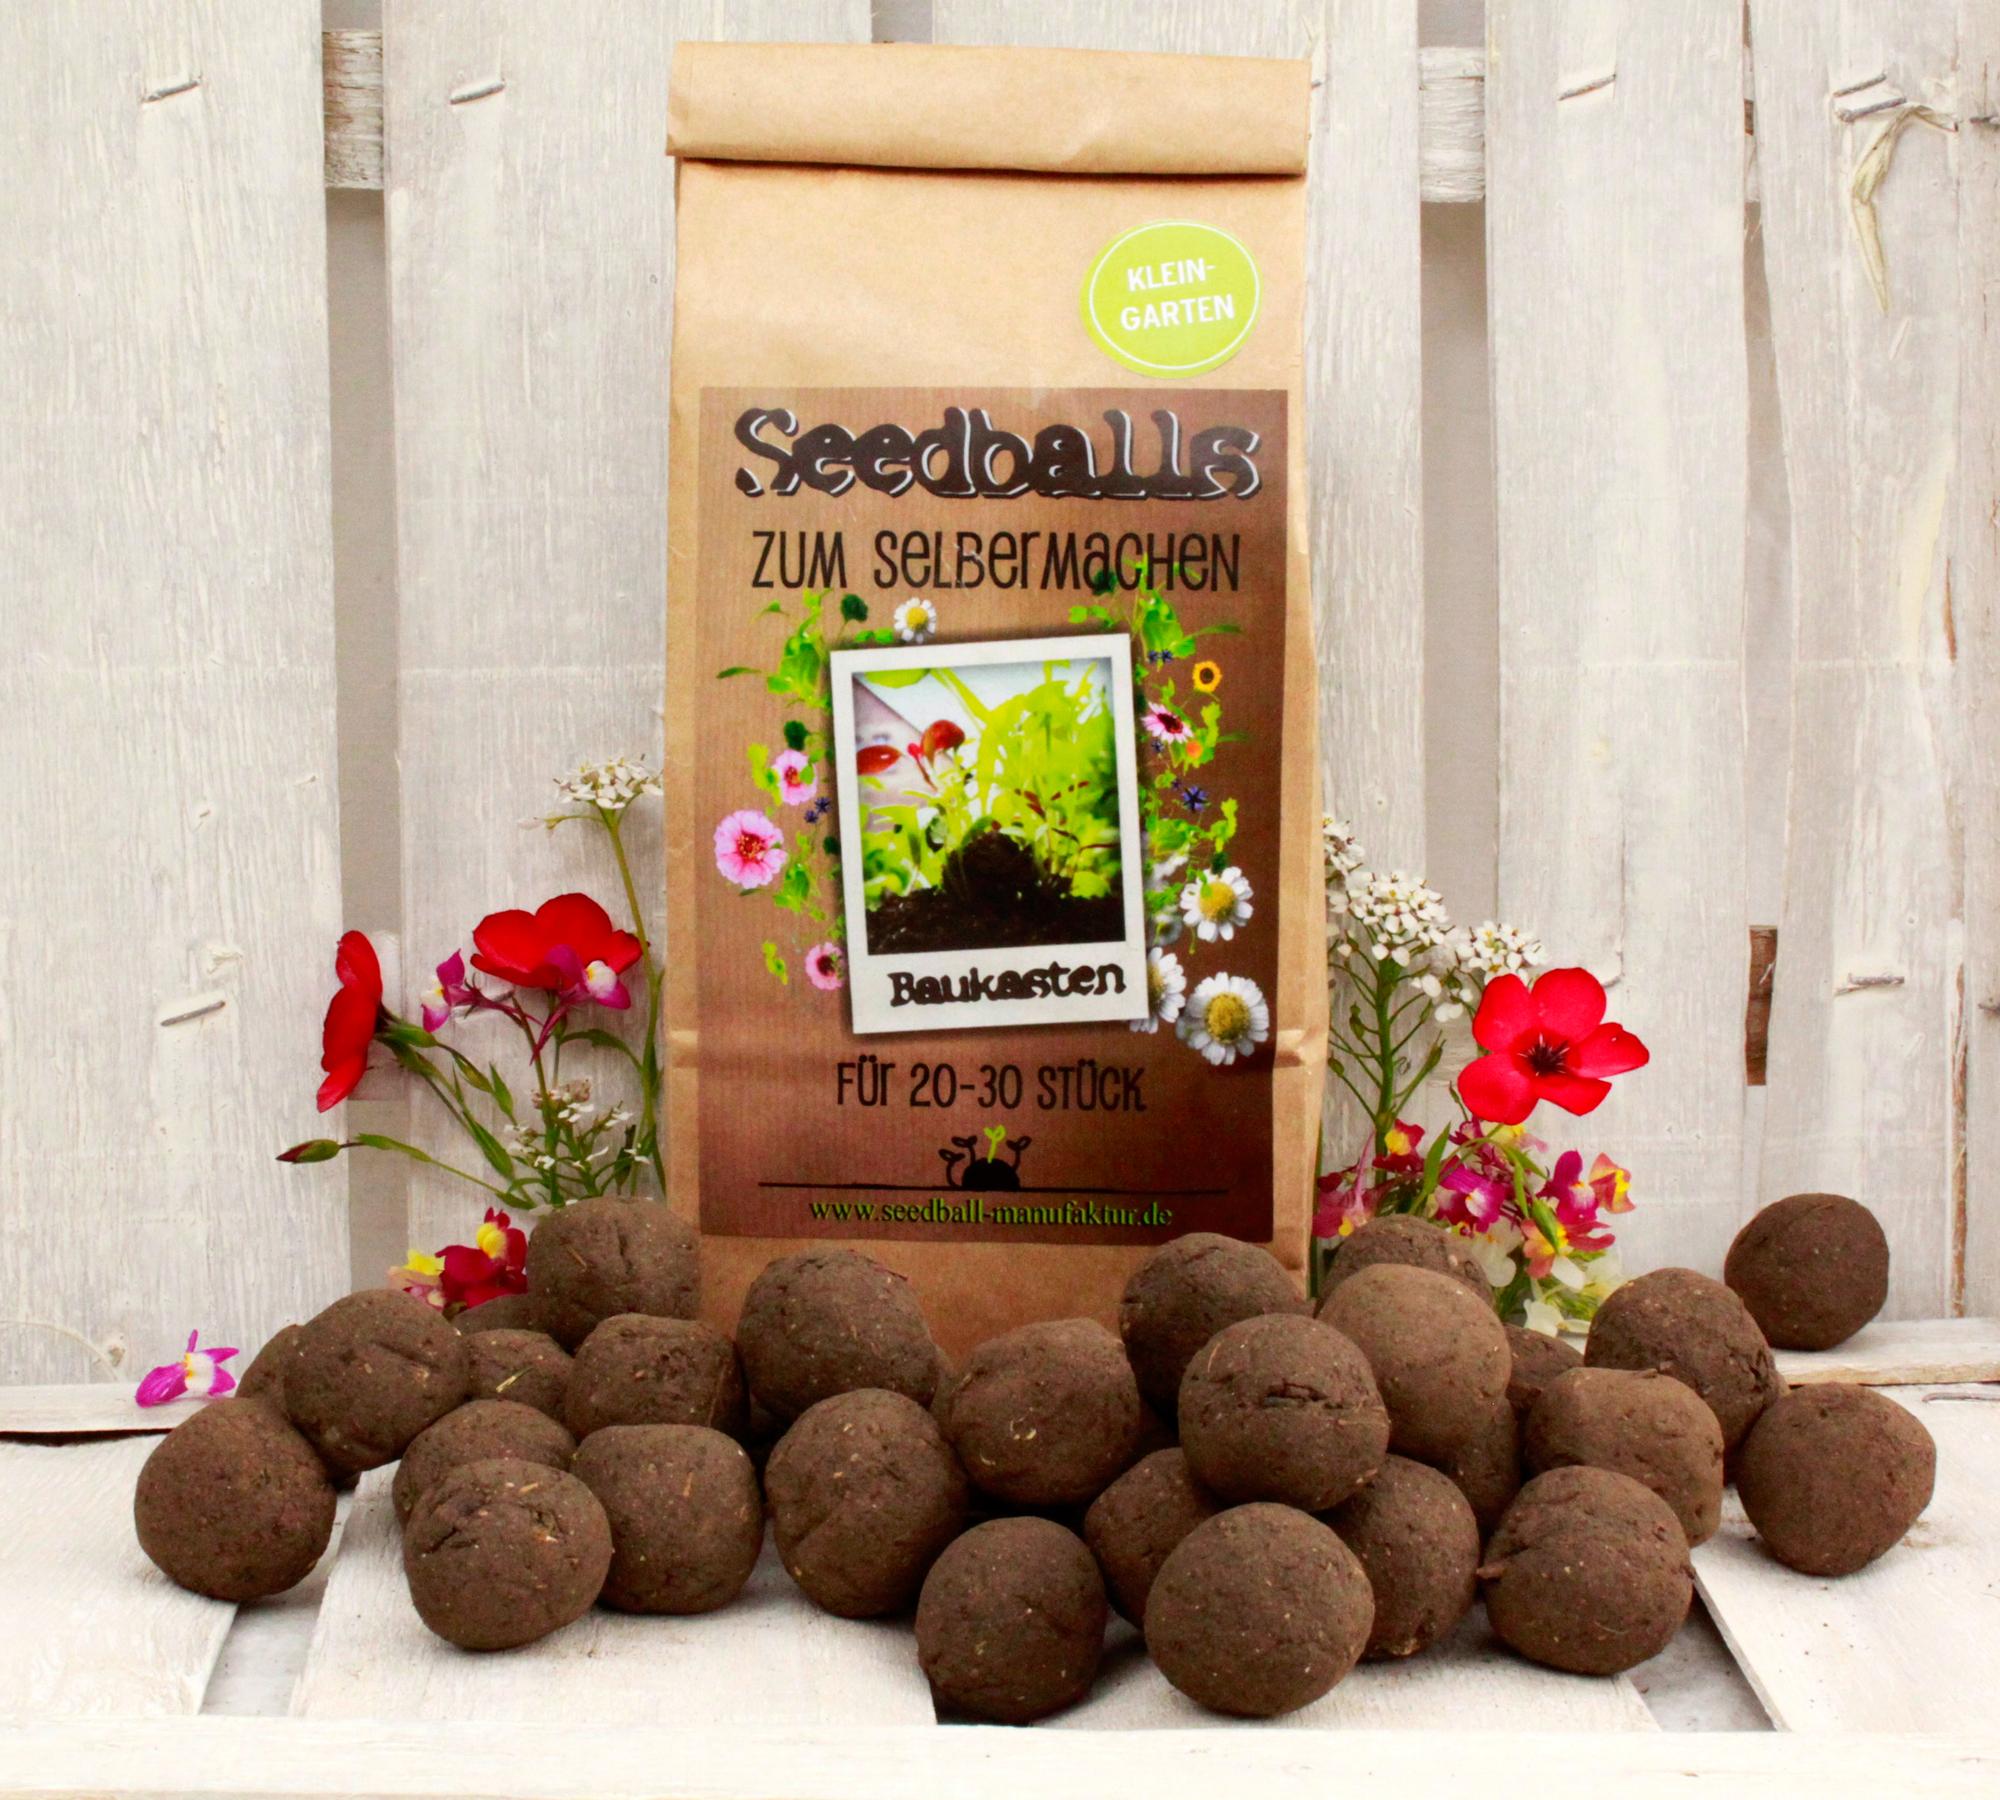 Seedball Mischung zum Selberherstellen | HIMBEER Magazin